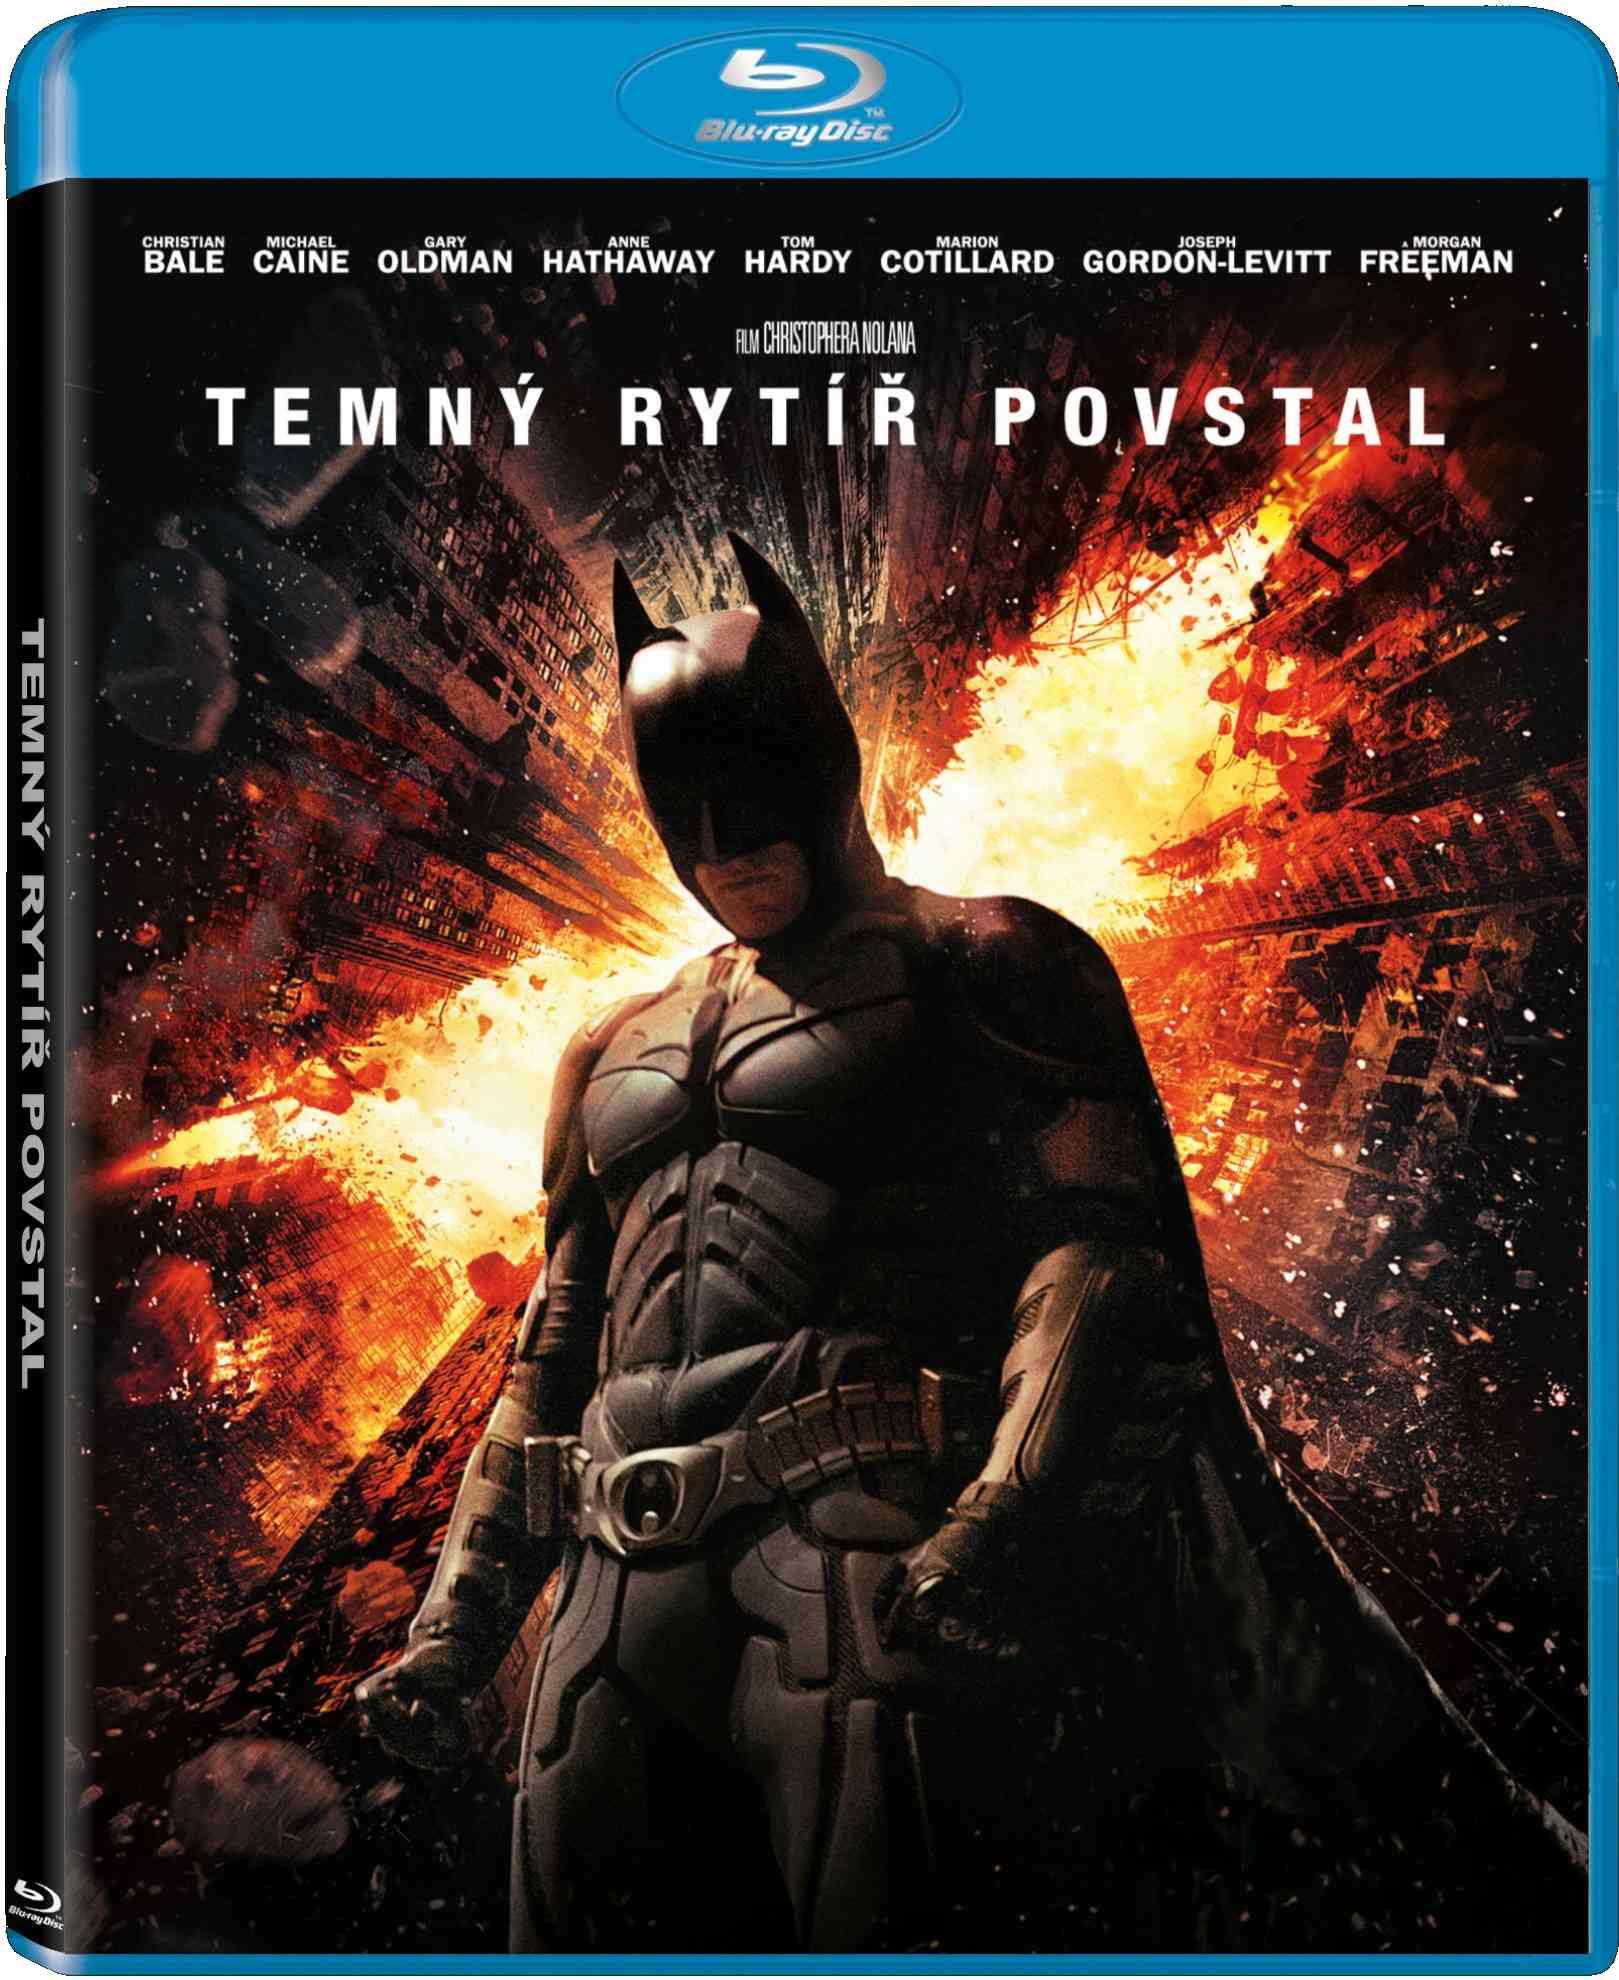 TEMNÝ RYTÍŘ POVSTAL (2 BD) - Blu-ray